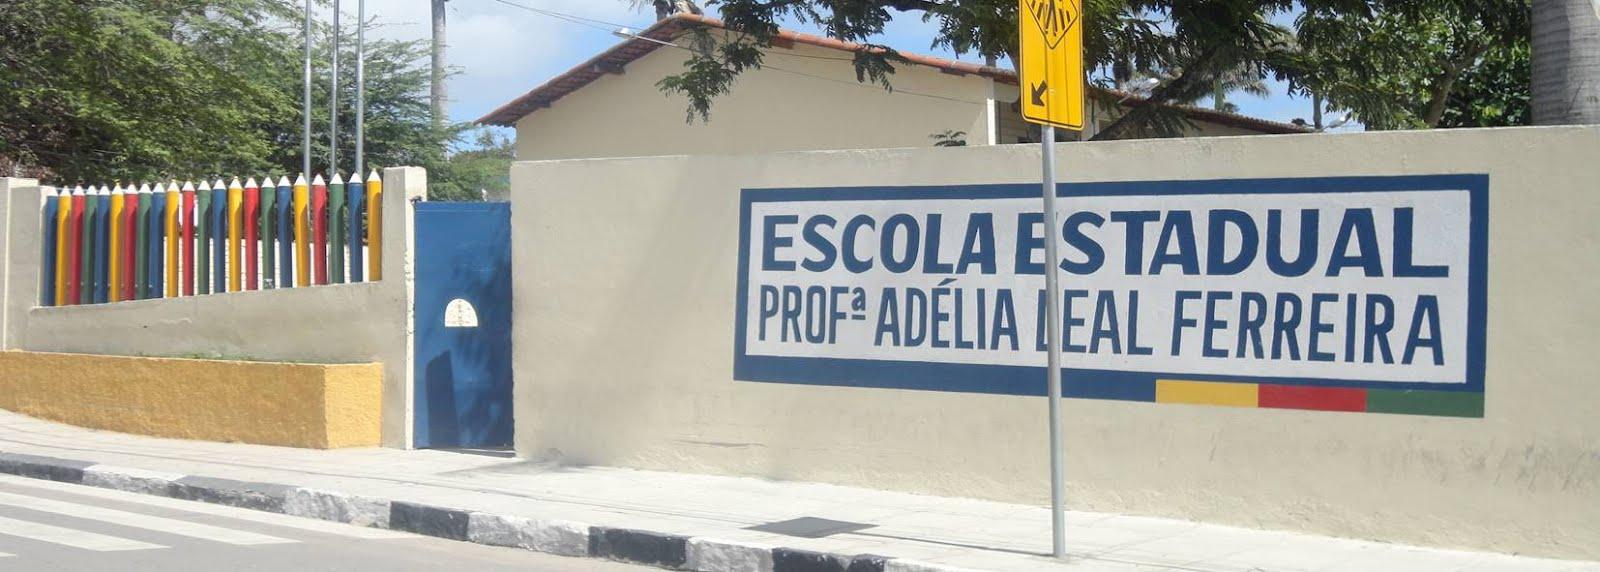 ESCOLA ADELIA LEAL